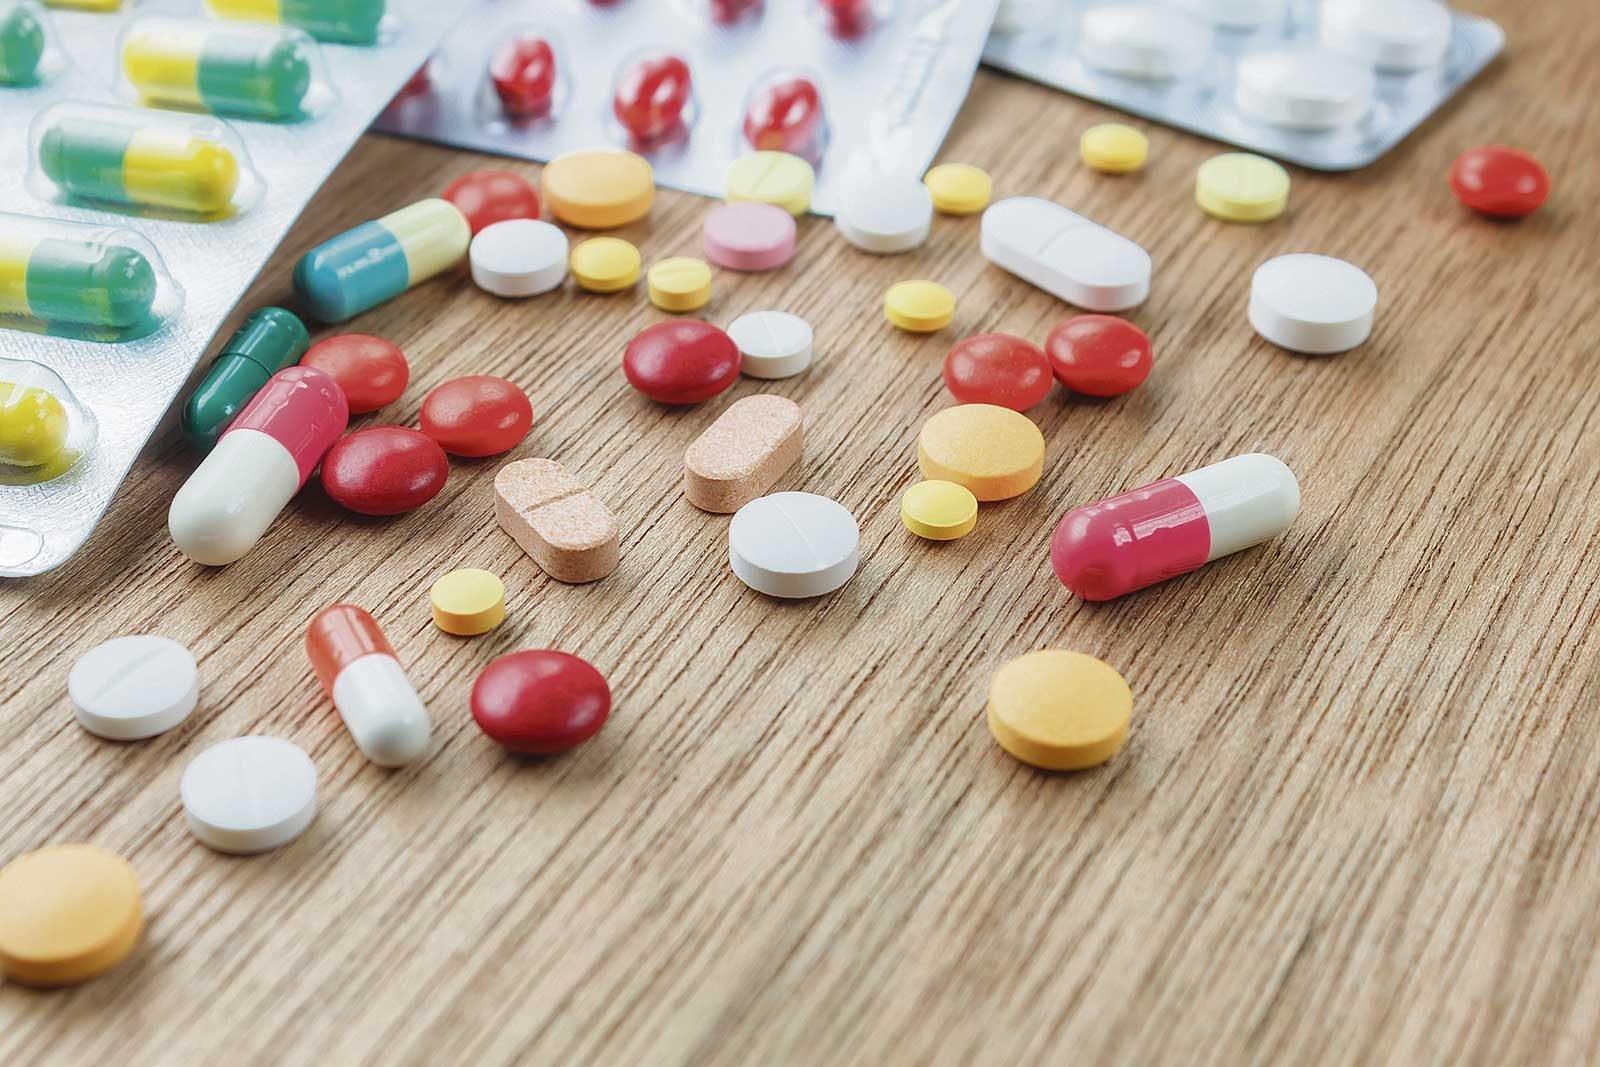 medicamente și doze pentru durerile articulare medicament pentru refacerea cartilajului în articulații